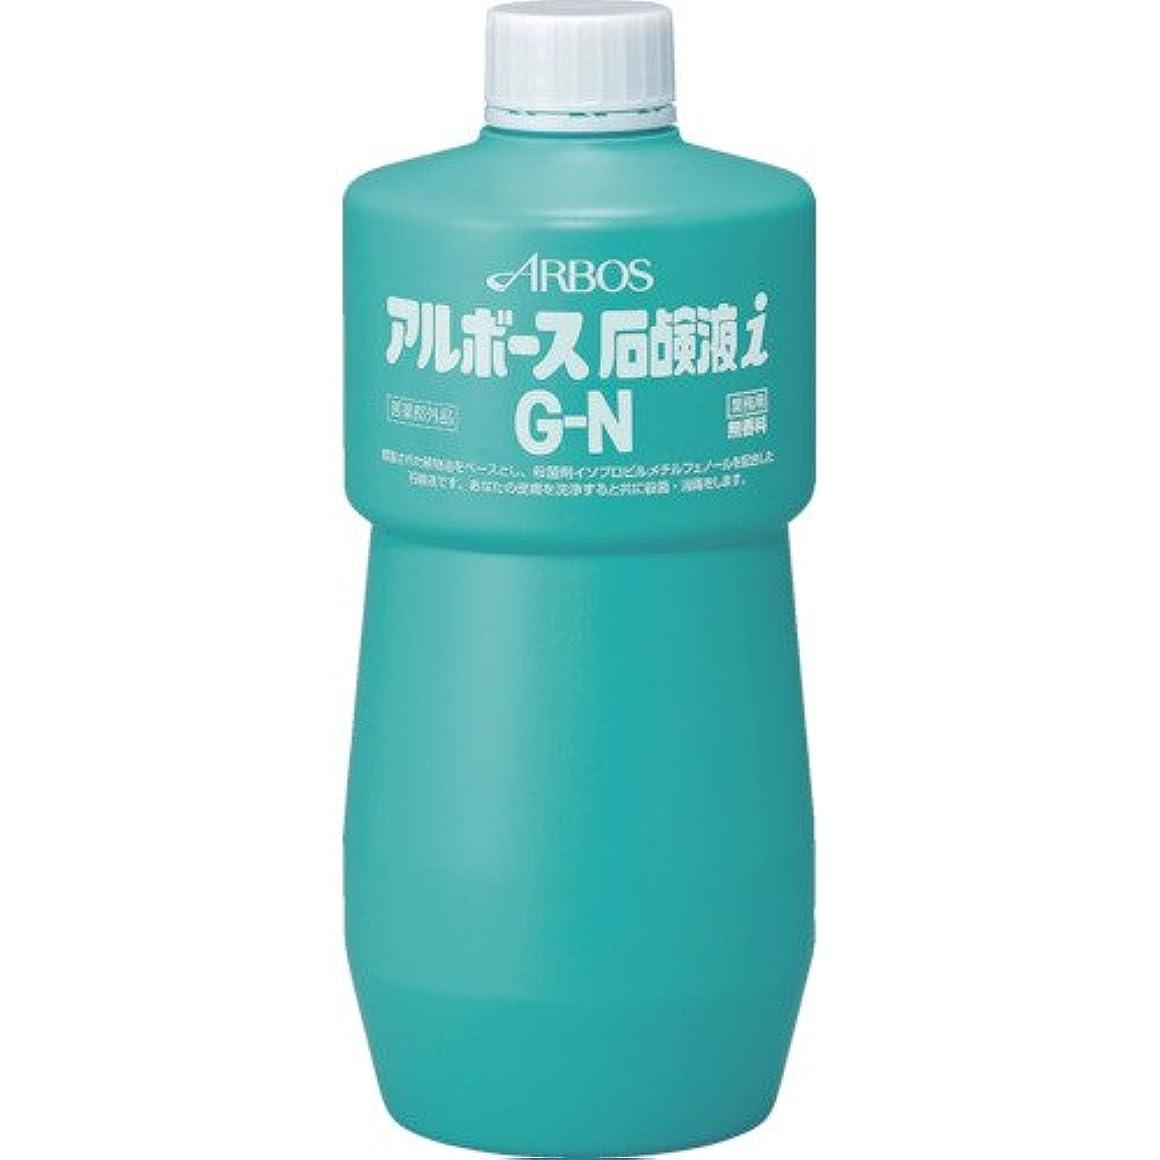 役に立たない三サワーアルボース石鹸液iGN 1G [医薬部外品]